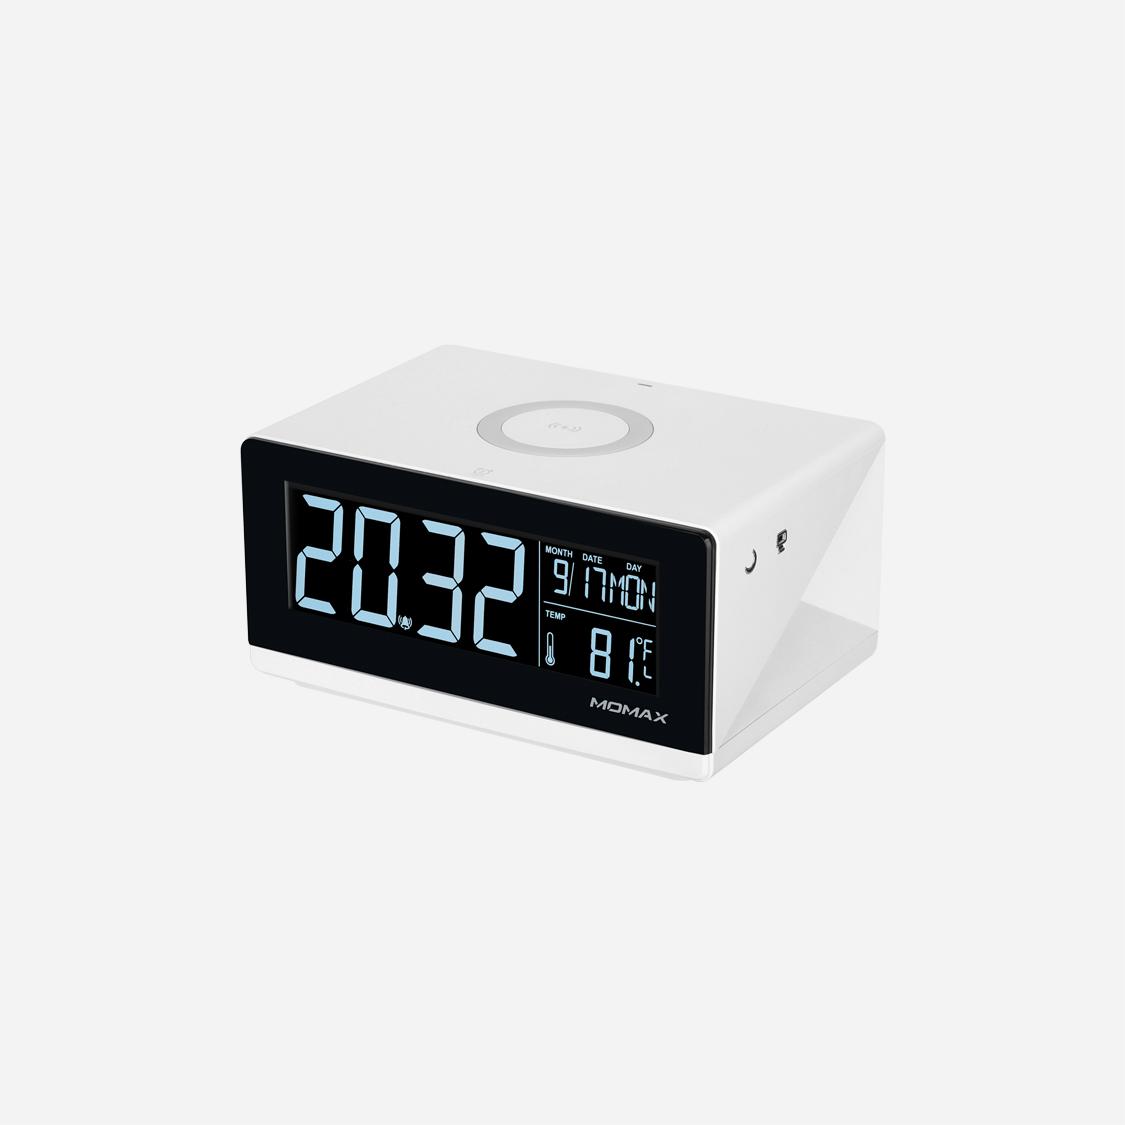 Đồng hồ thông minh kiêm sạc nhanh không dây 10W Momax - Hàng chính hãng